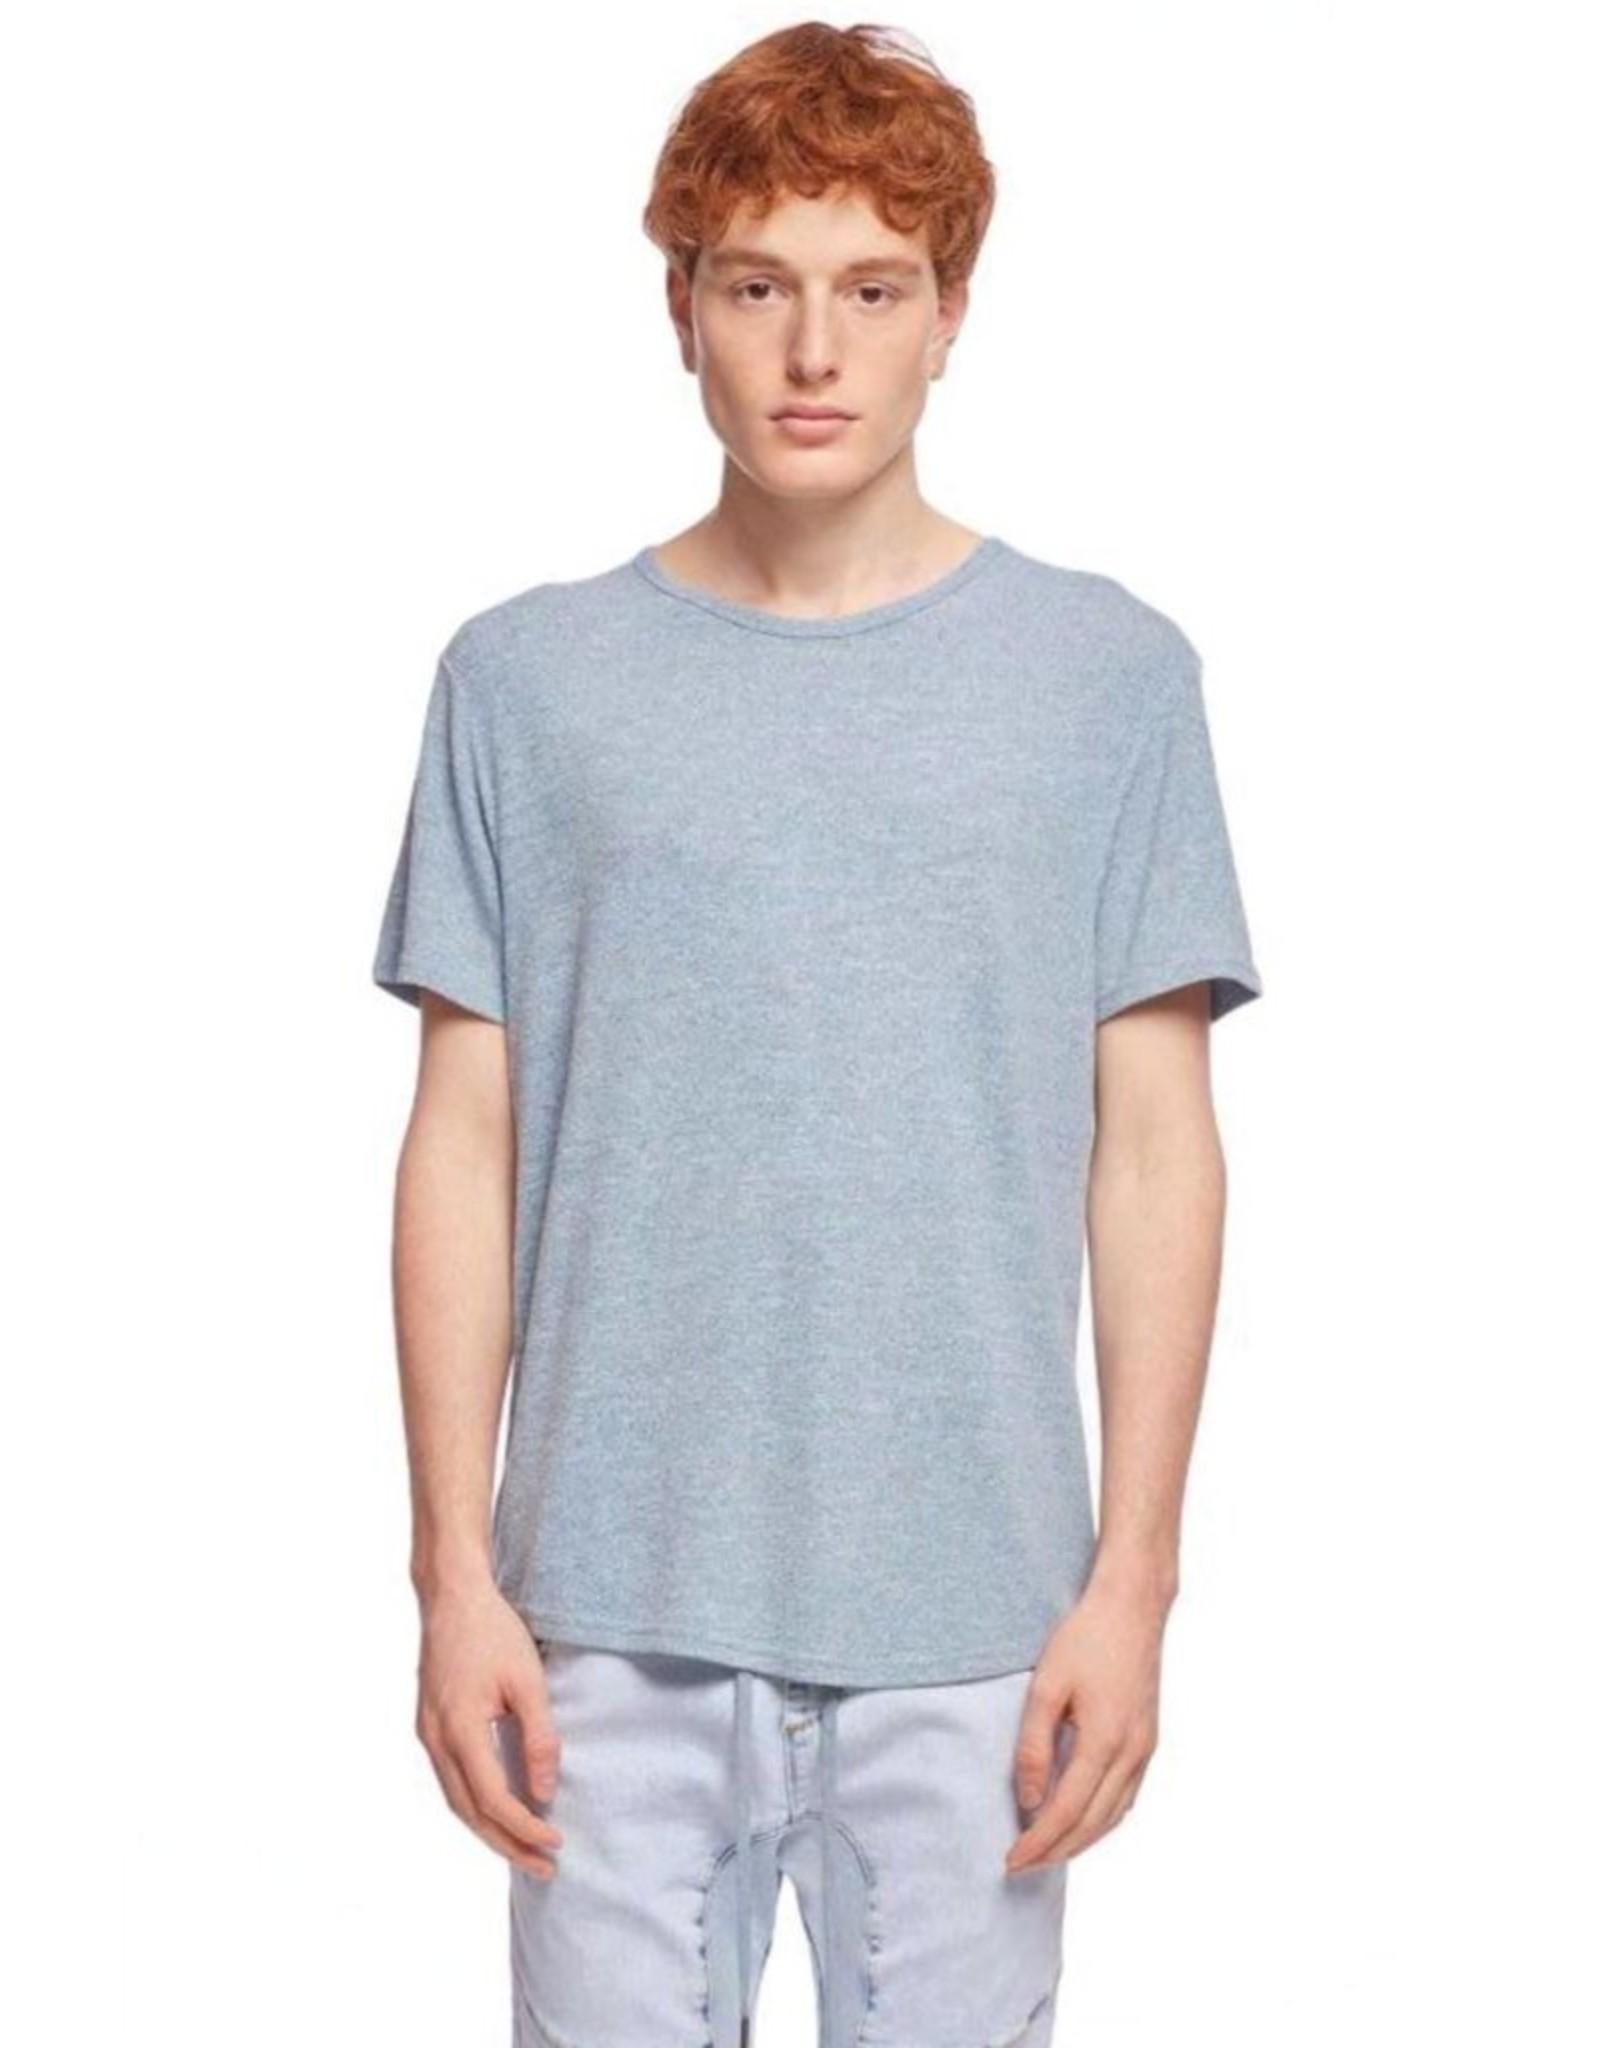 Kuwallatee Marled Hi-Lo Scoop T-shirt